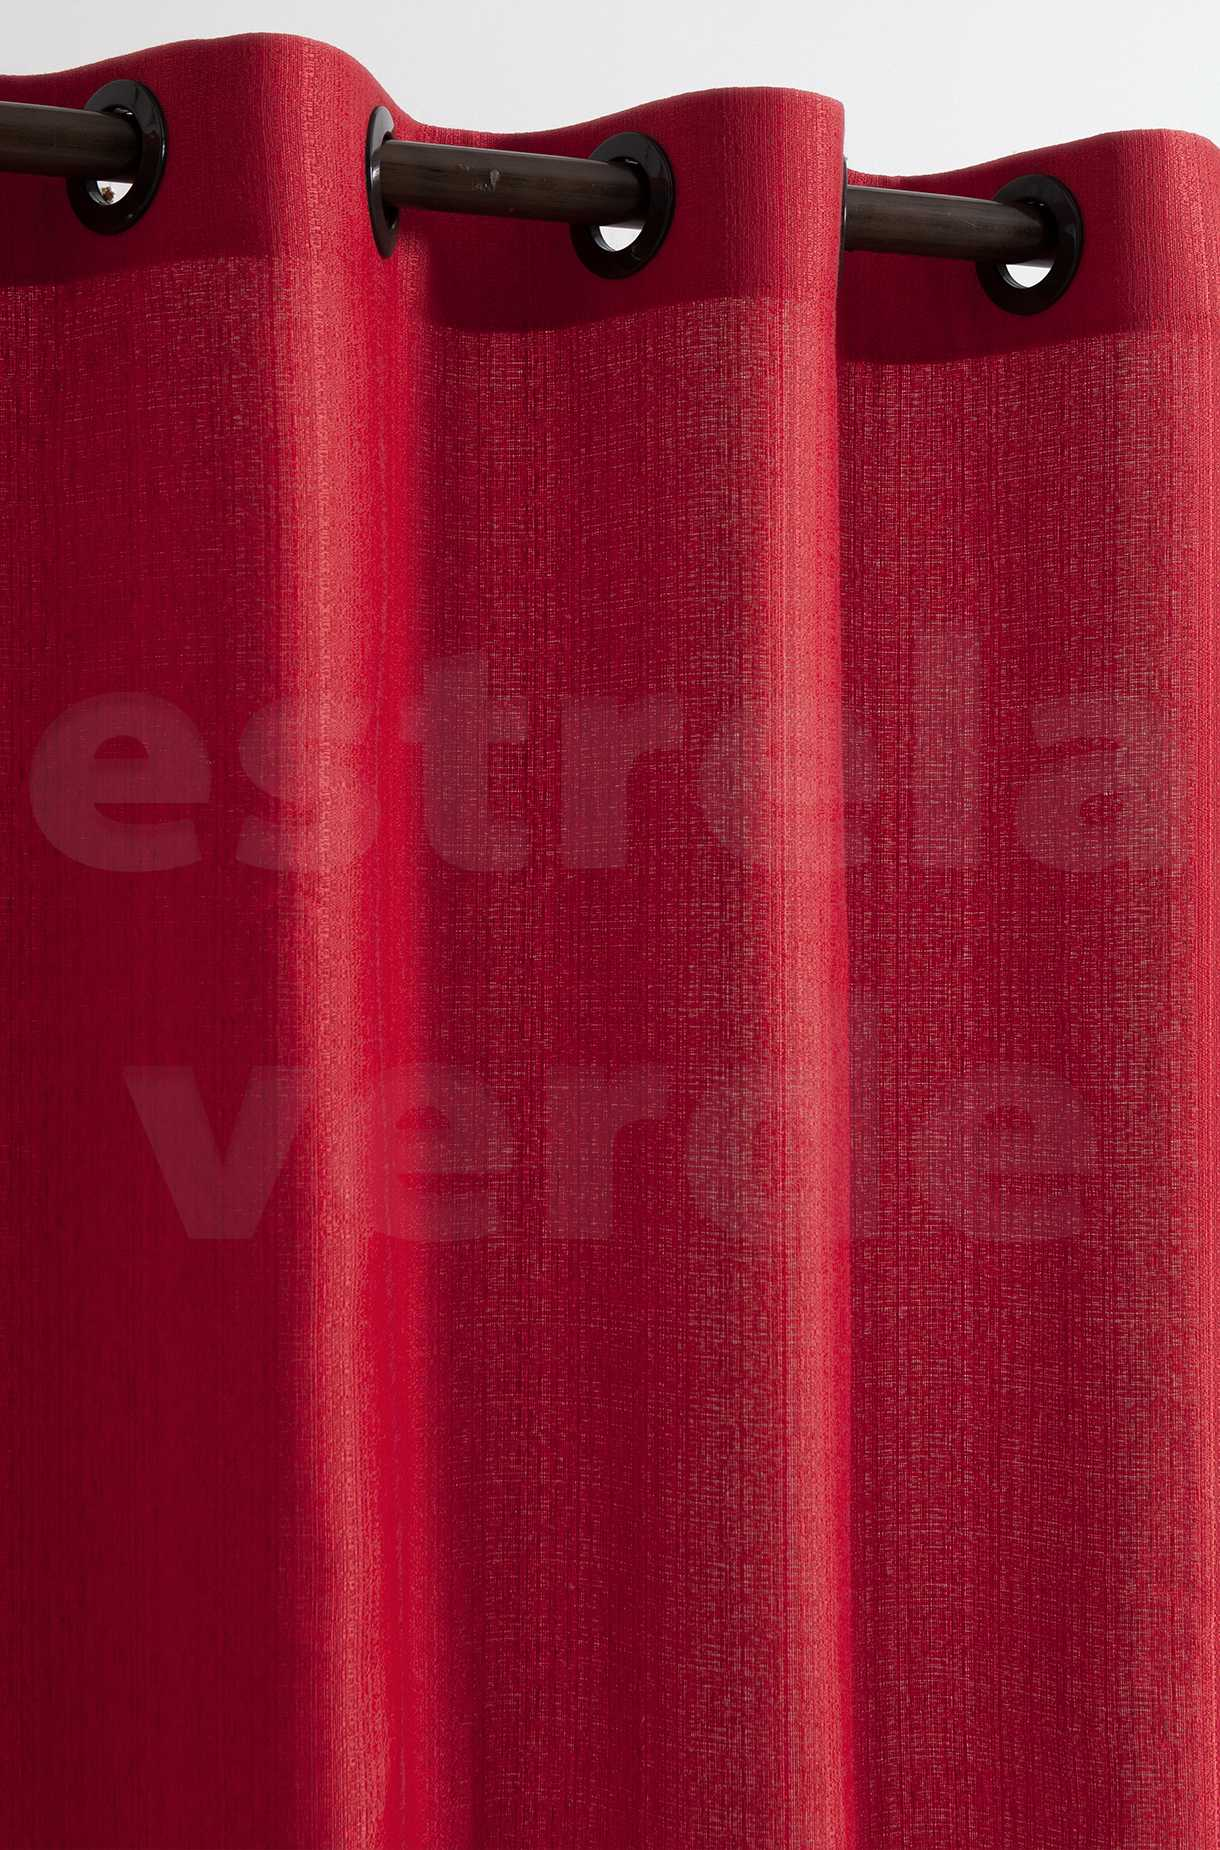 CORTINA VENEZA 2,60X2,30 5684 VERMELHO  - Estrela Verde